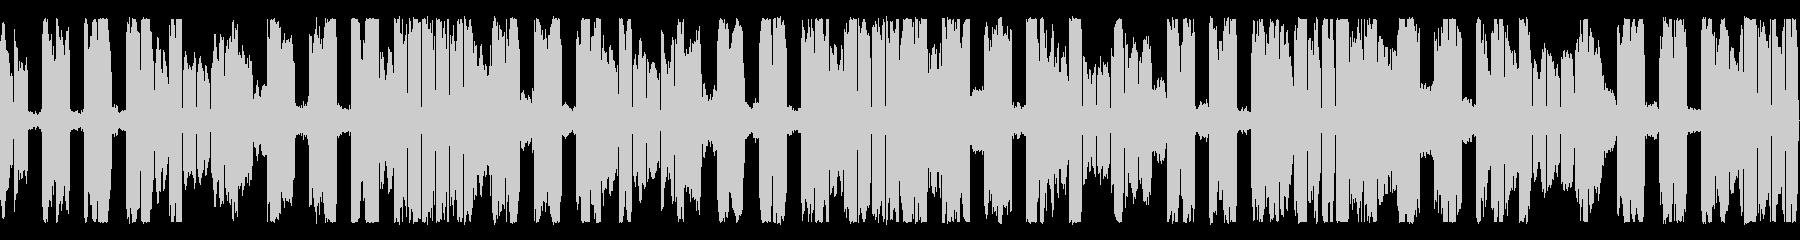 ピコピコサウンドのシンセループ素材の未再生の波形